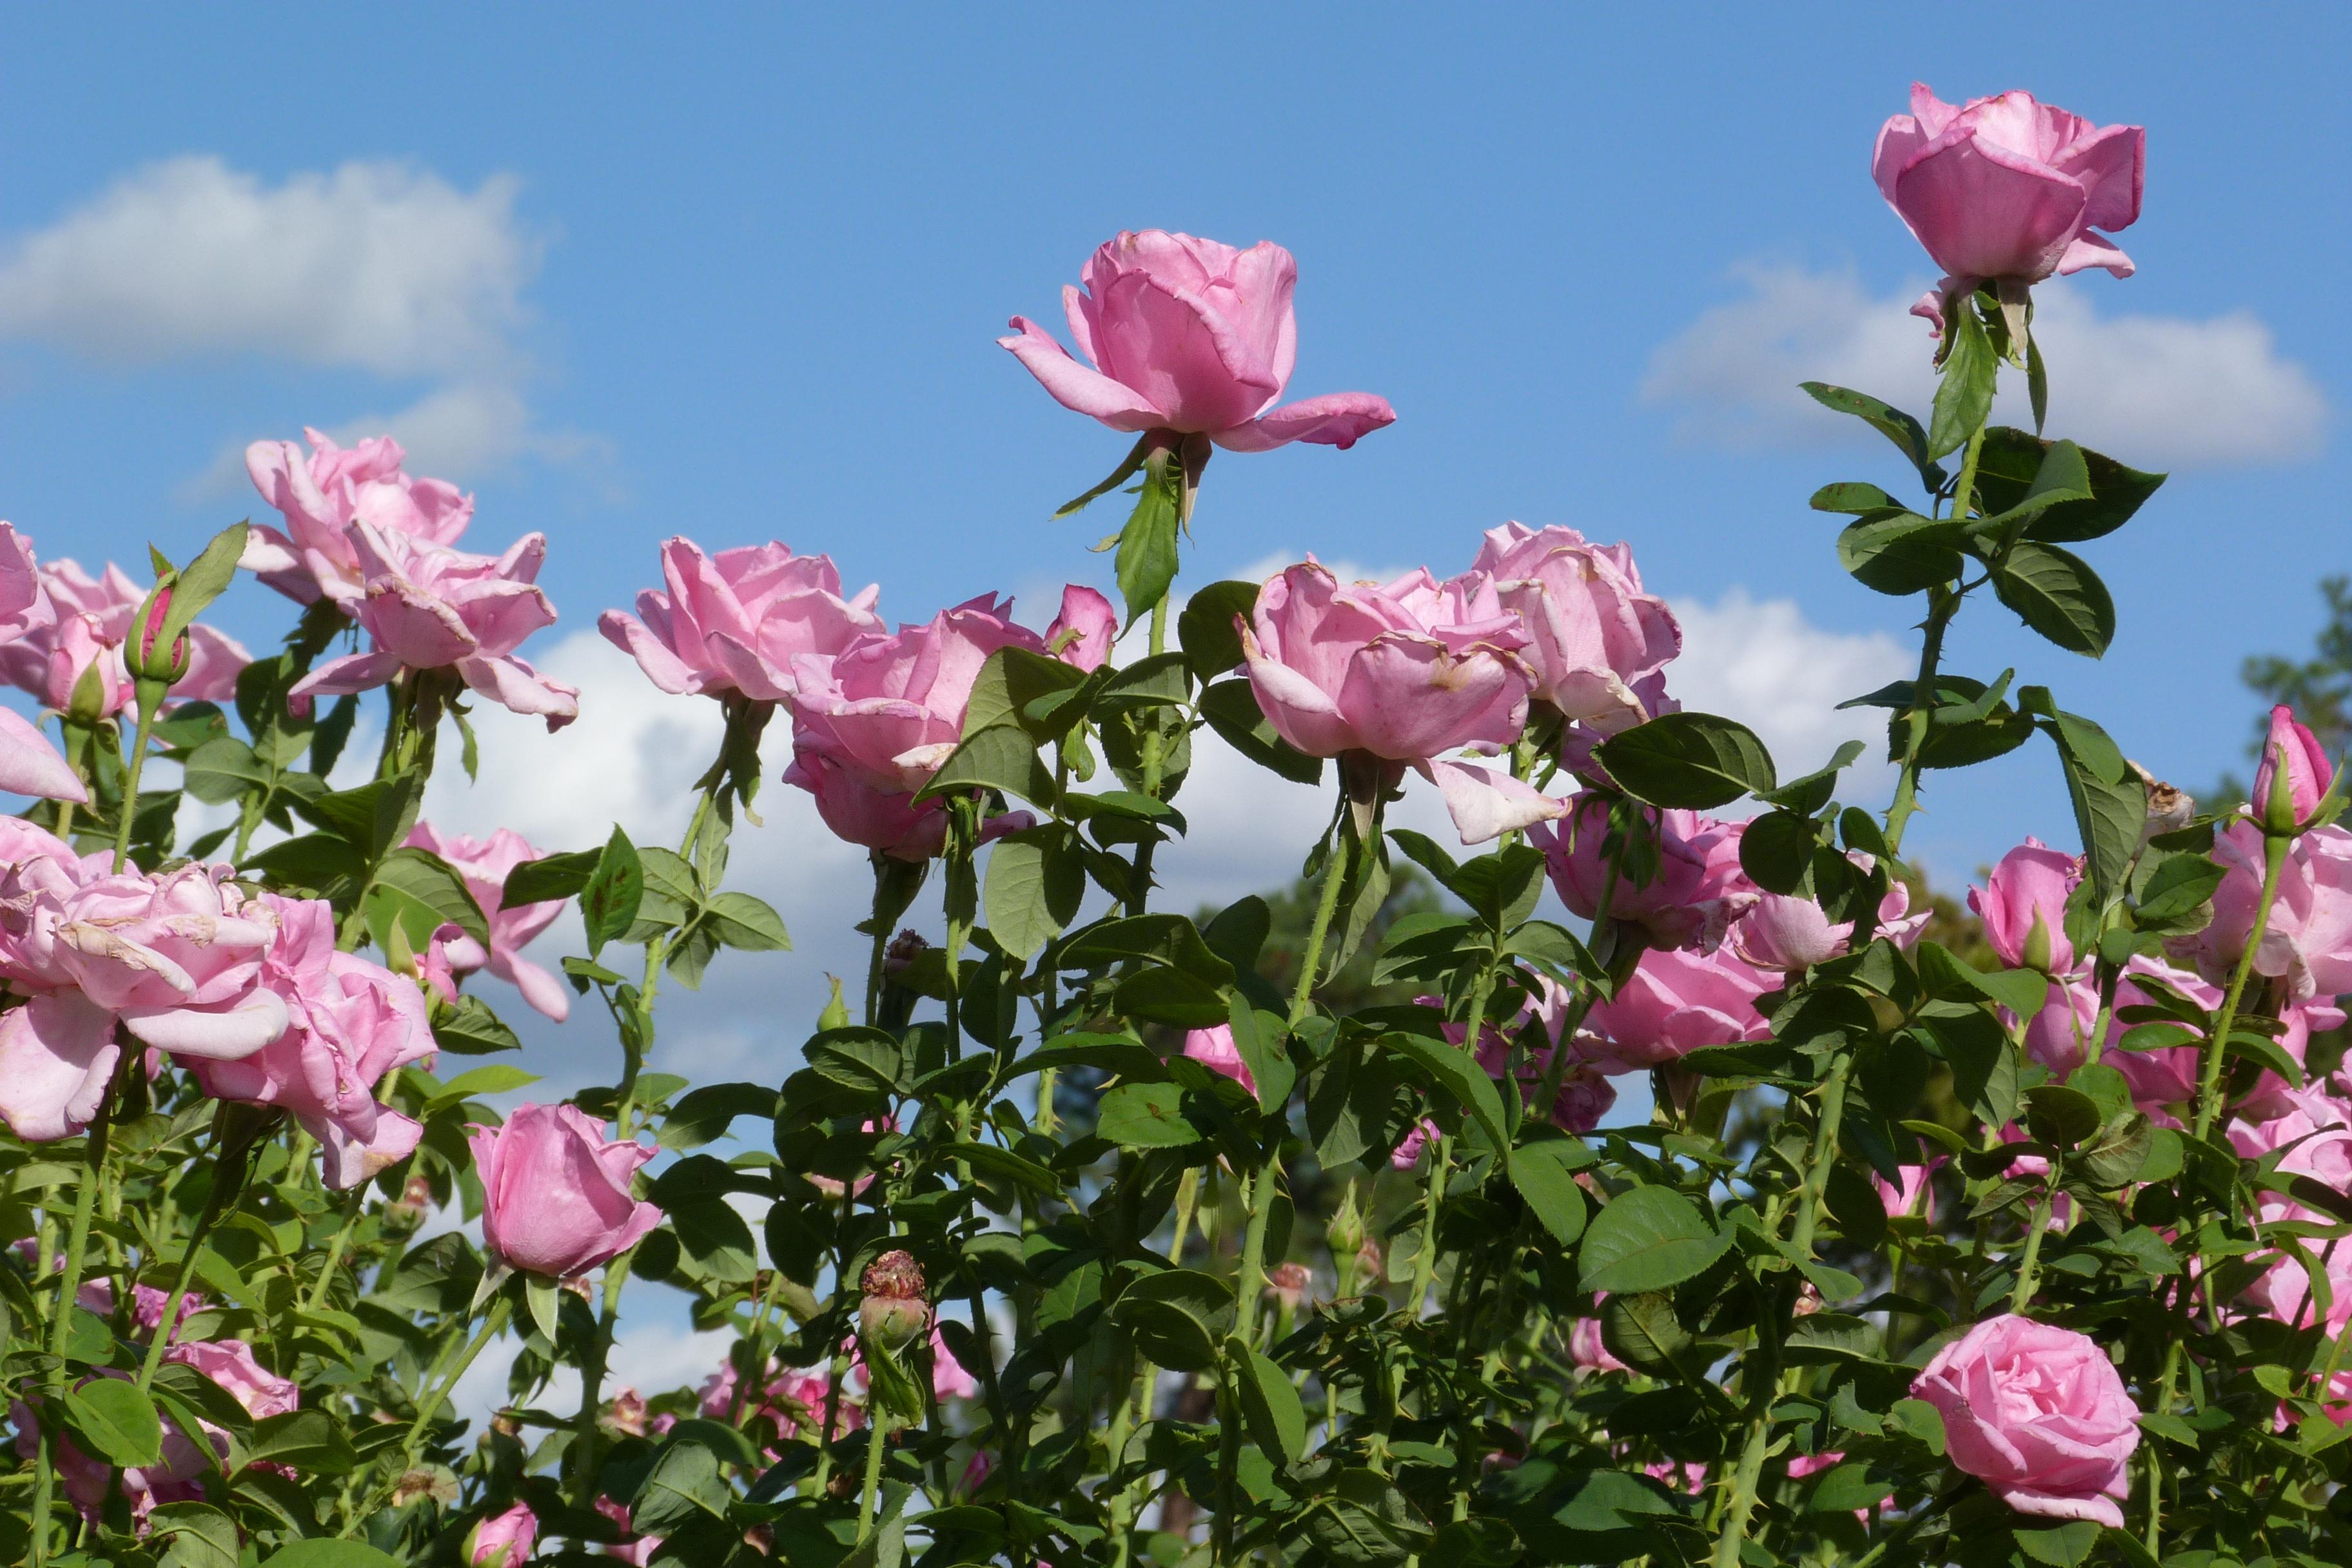 Pink Tyler Roses against blue sky